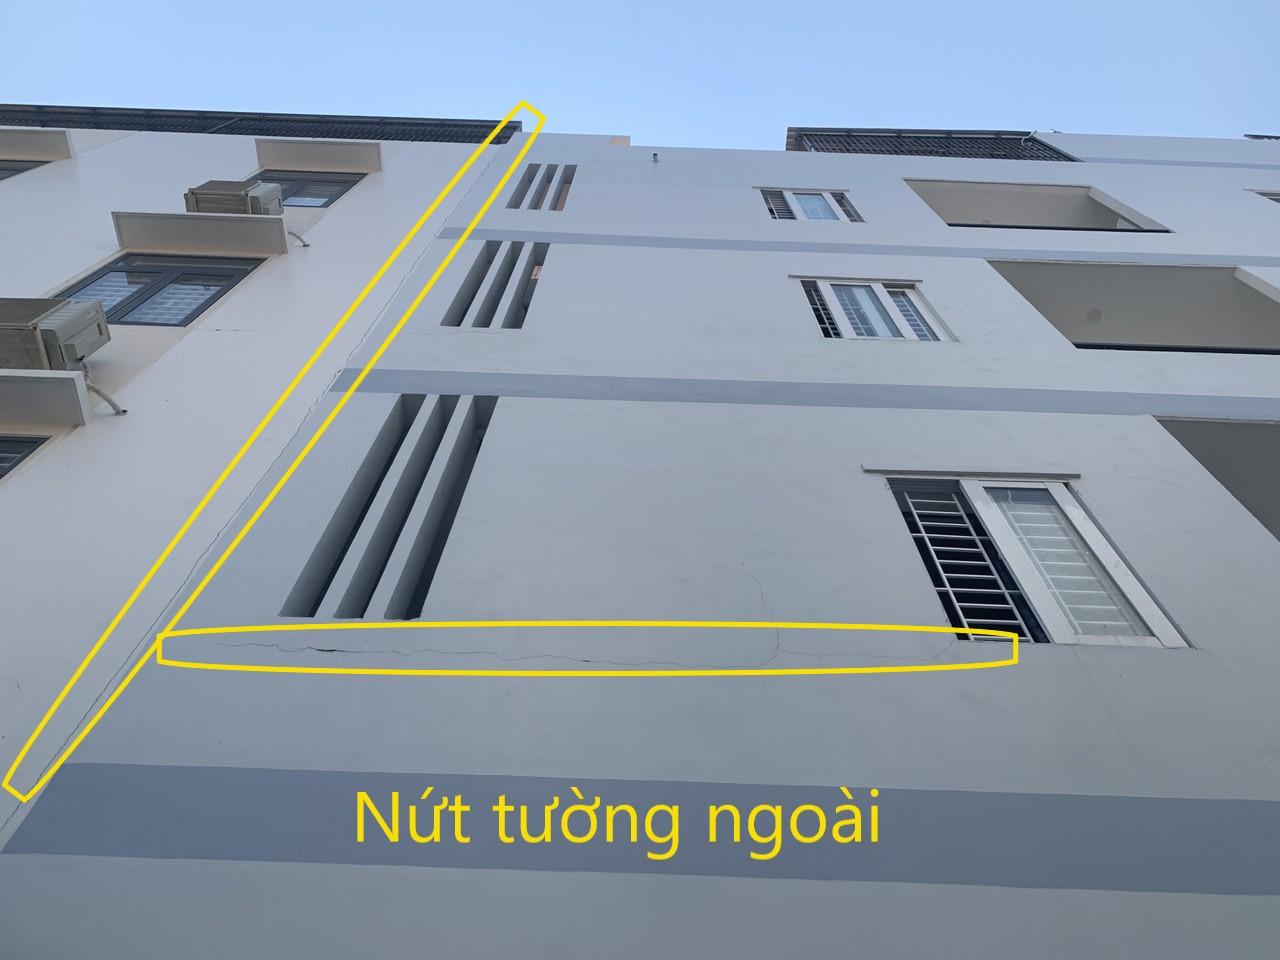 Tường bị nứt do tách lớp, nứt tại khe nối giữa 2 nhà liền kề